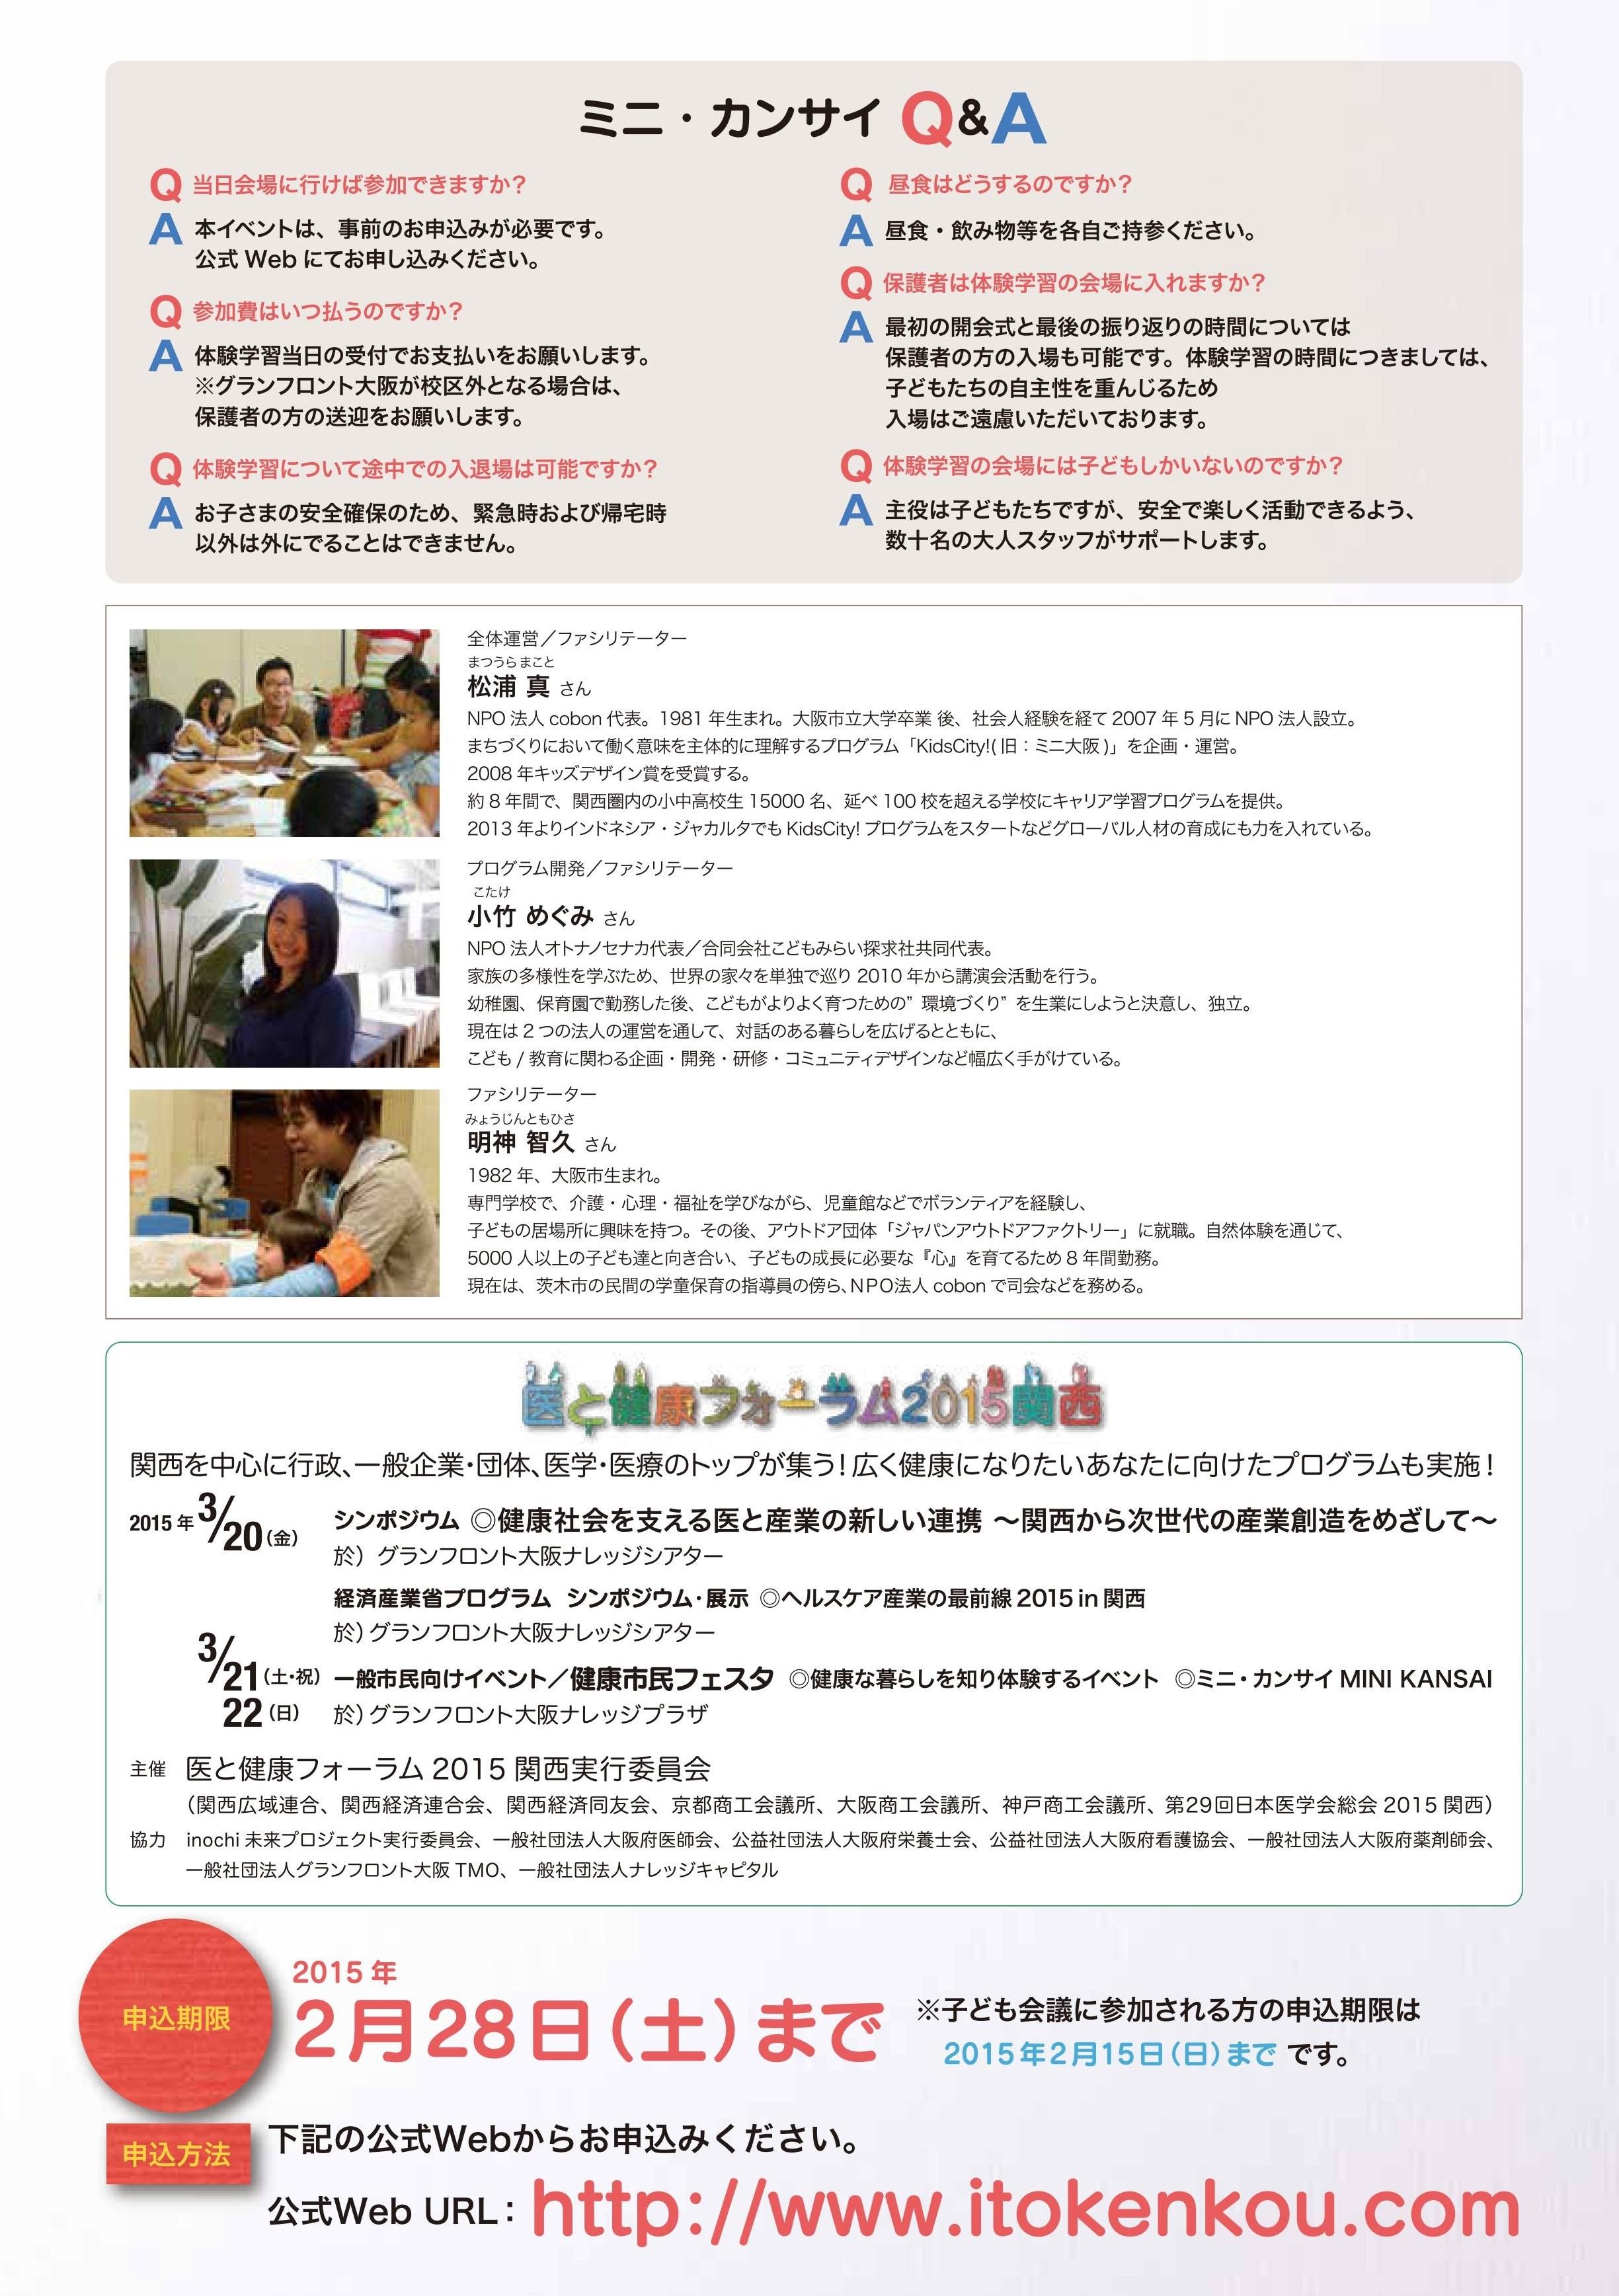 http://www.cobon.jp/news/150203%E3%83%9F%E3%83%8B%E3%82%AB%E3%83%B3%E3%82%B5%E3%82%A4%20%E3%83%AA%E3%83%BC%E3%83%9504.jpg